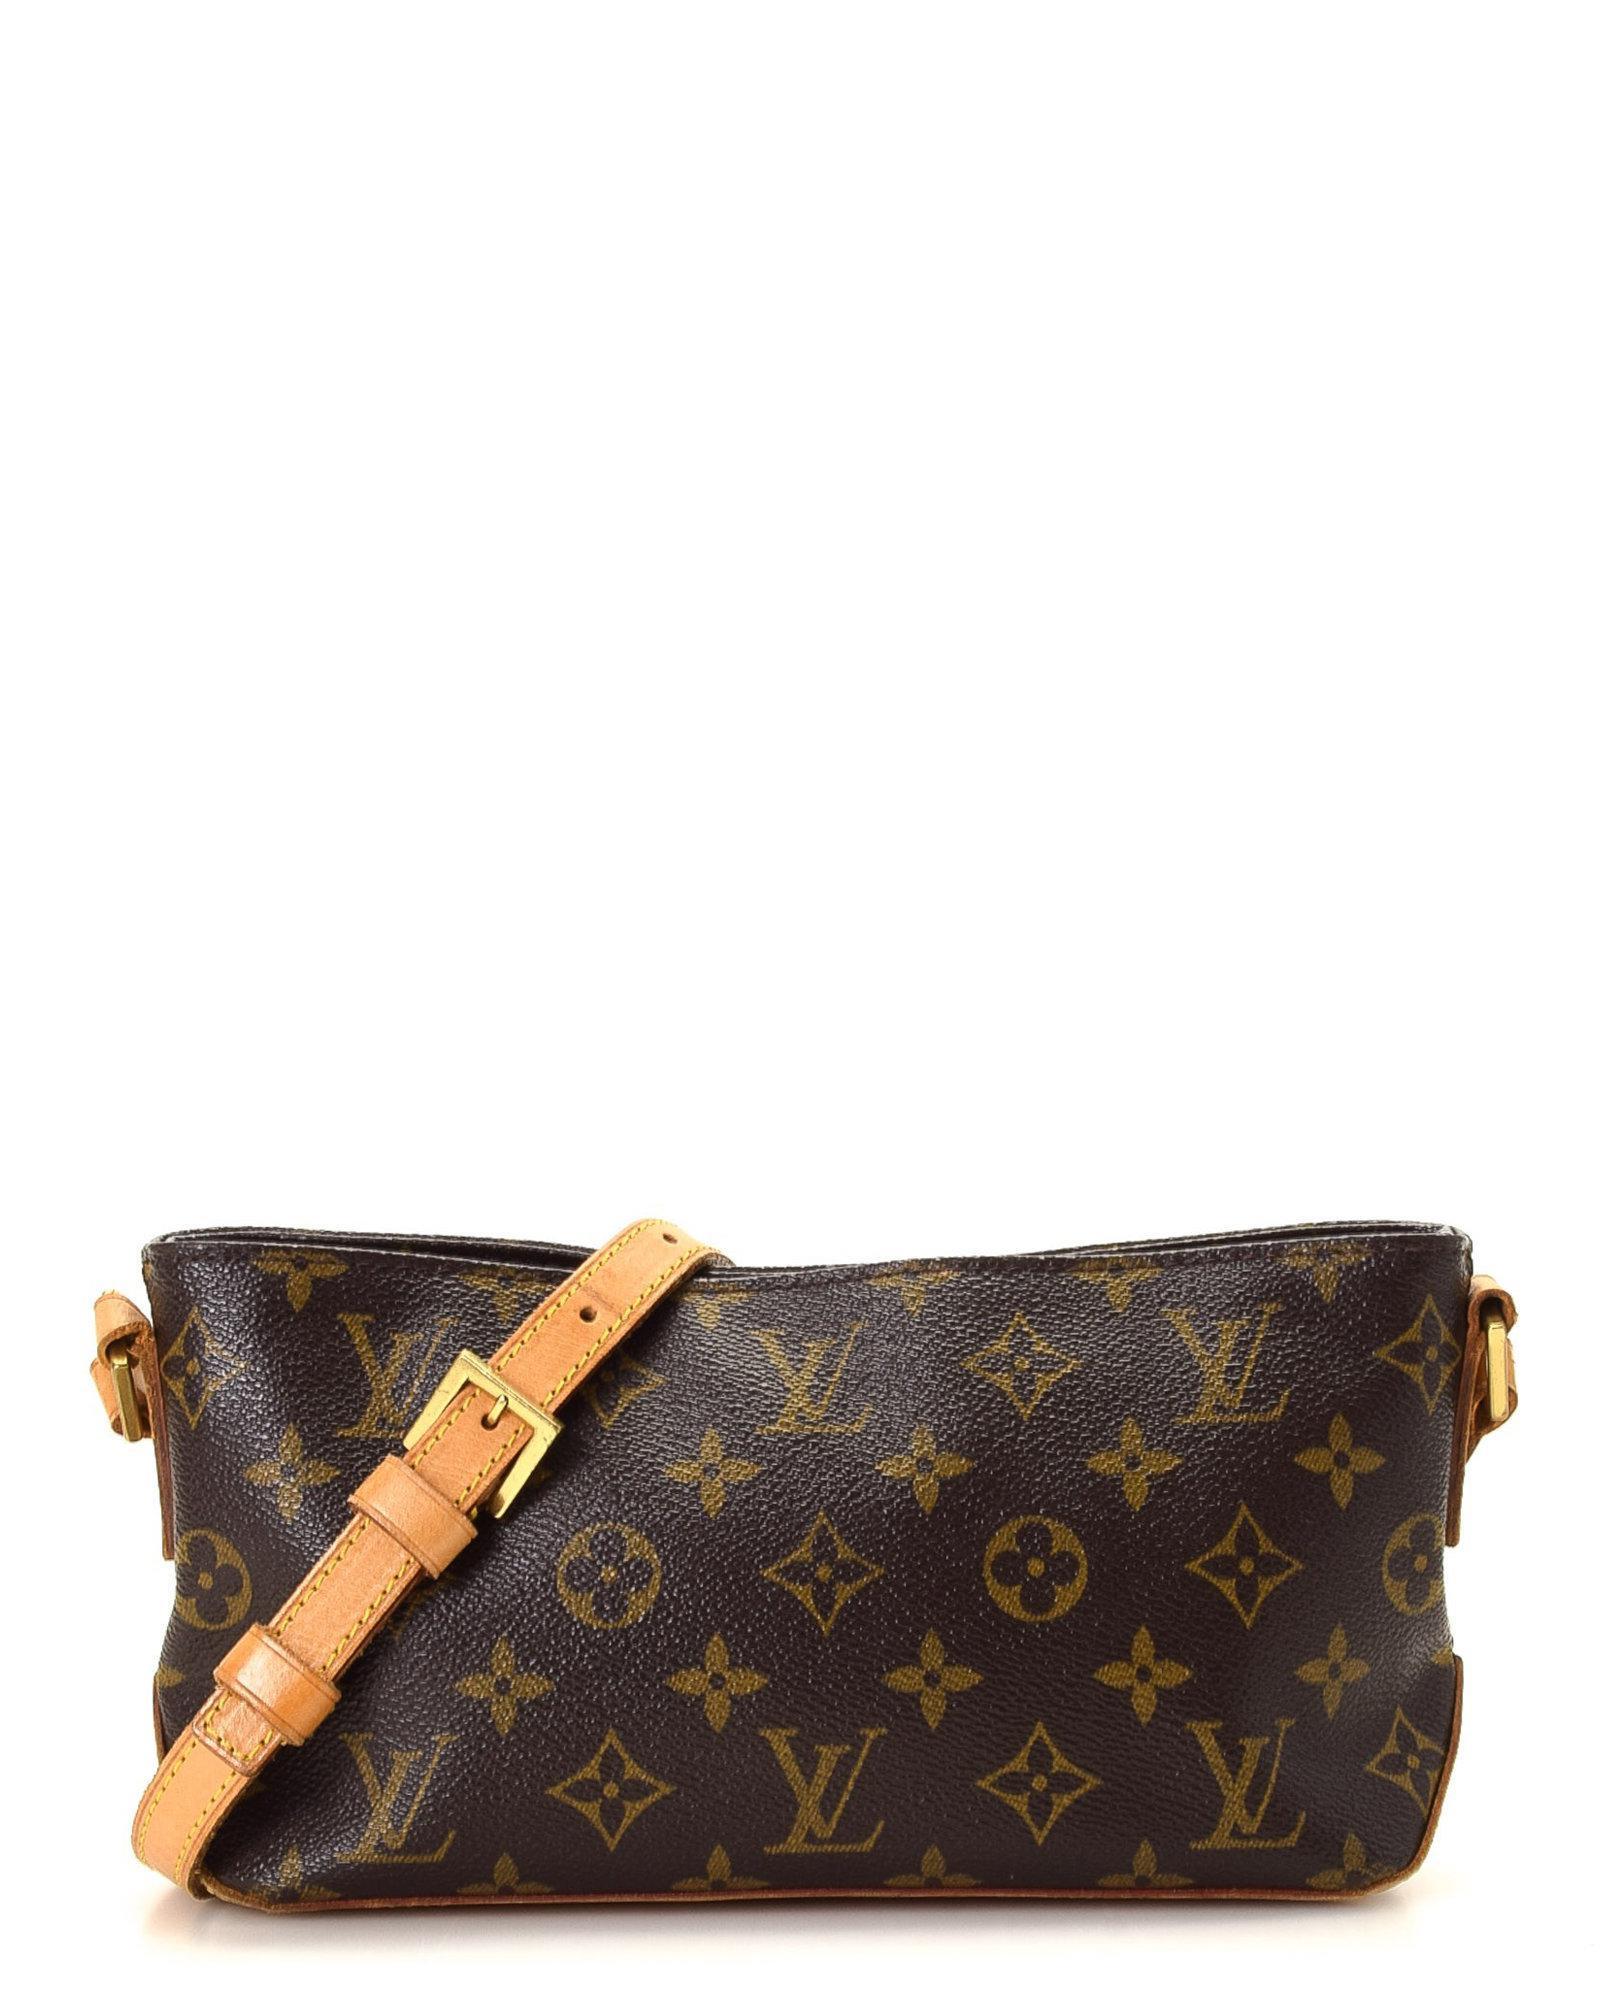 Lyst - Louis Vuitton Trotteur Monogram Crossbody Bag - Vintage in Brown 07093edde1ef6